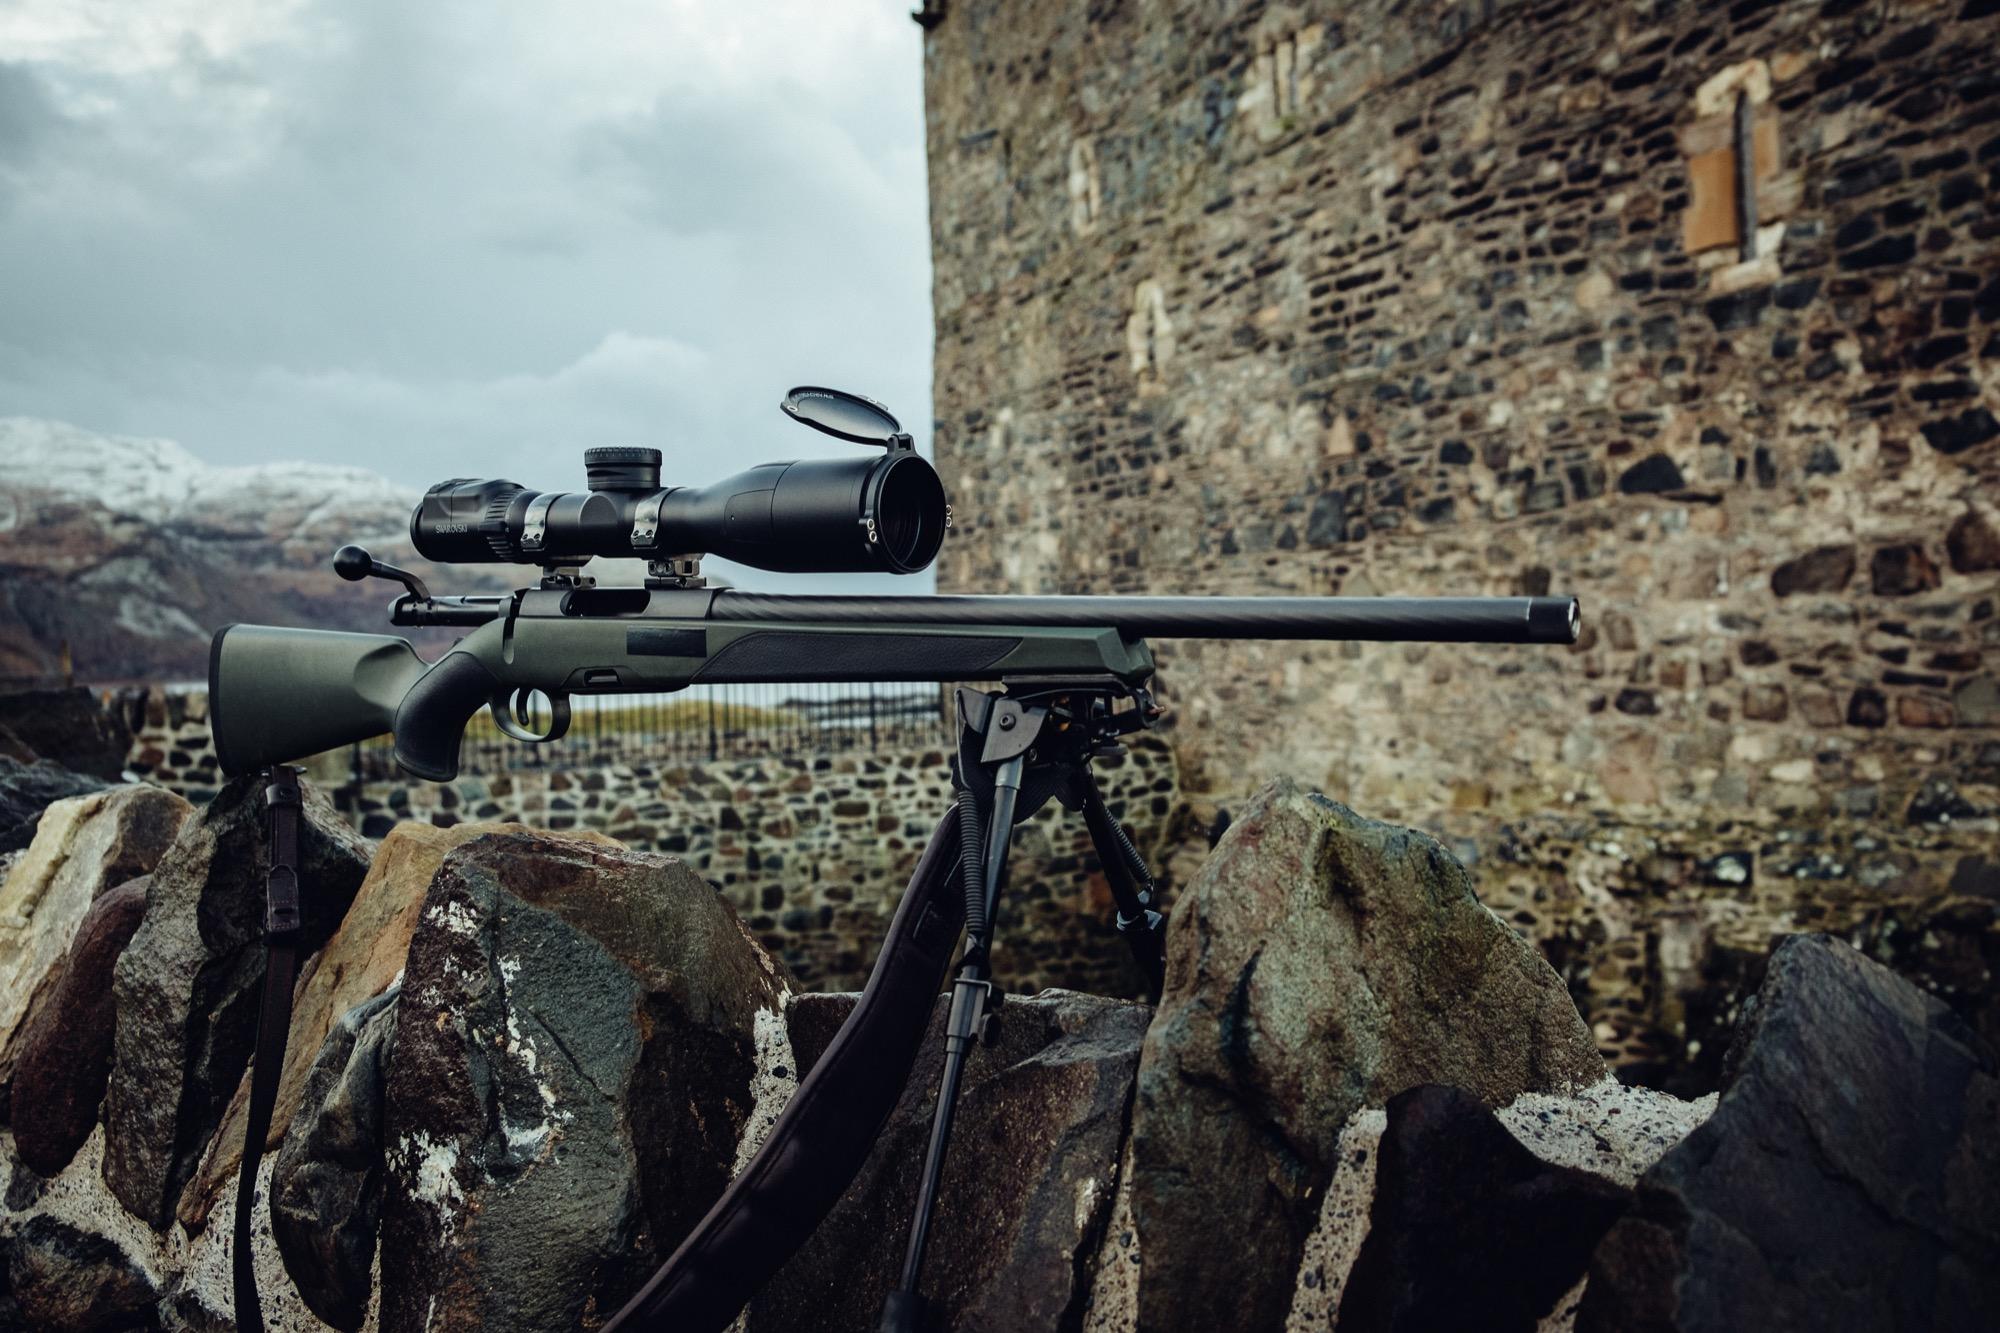 Swarovski dS Zielfernrohr Ergebnisse der JÄGER Testreise 2017 jagen ins Schottland hunting highlands westhighlandhunting JÄGERMAGAZIN Swarovski